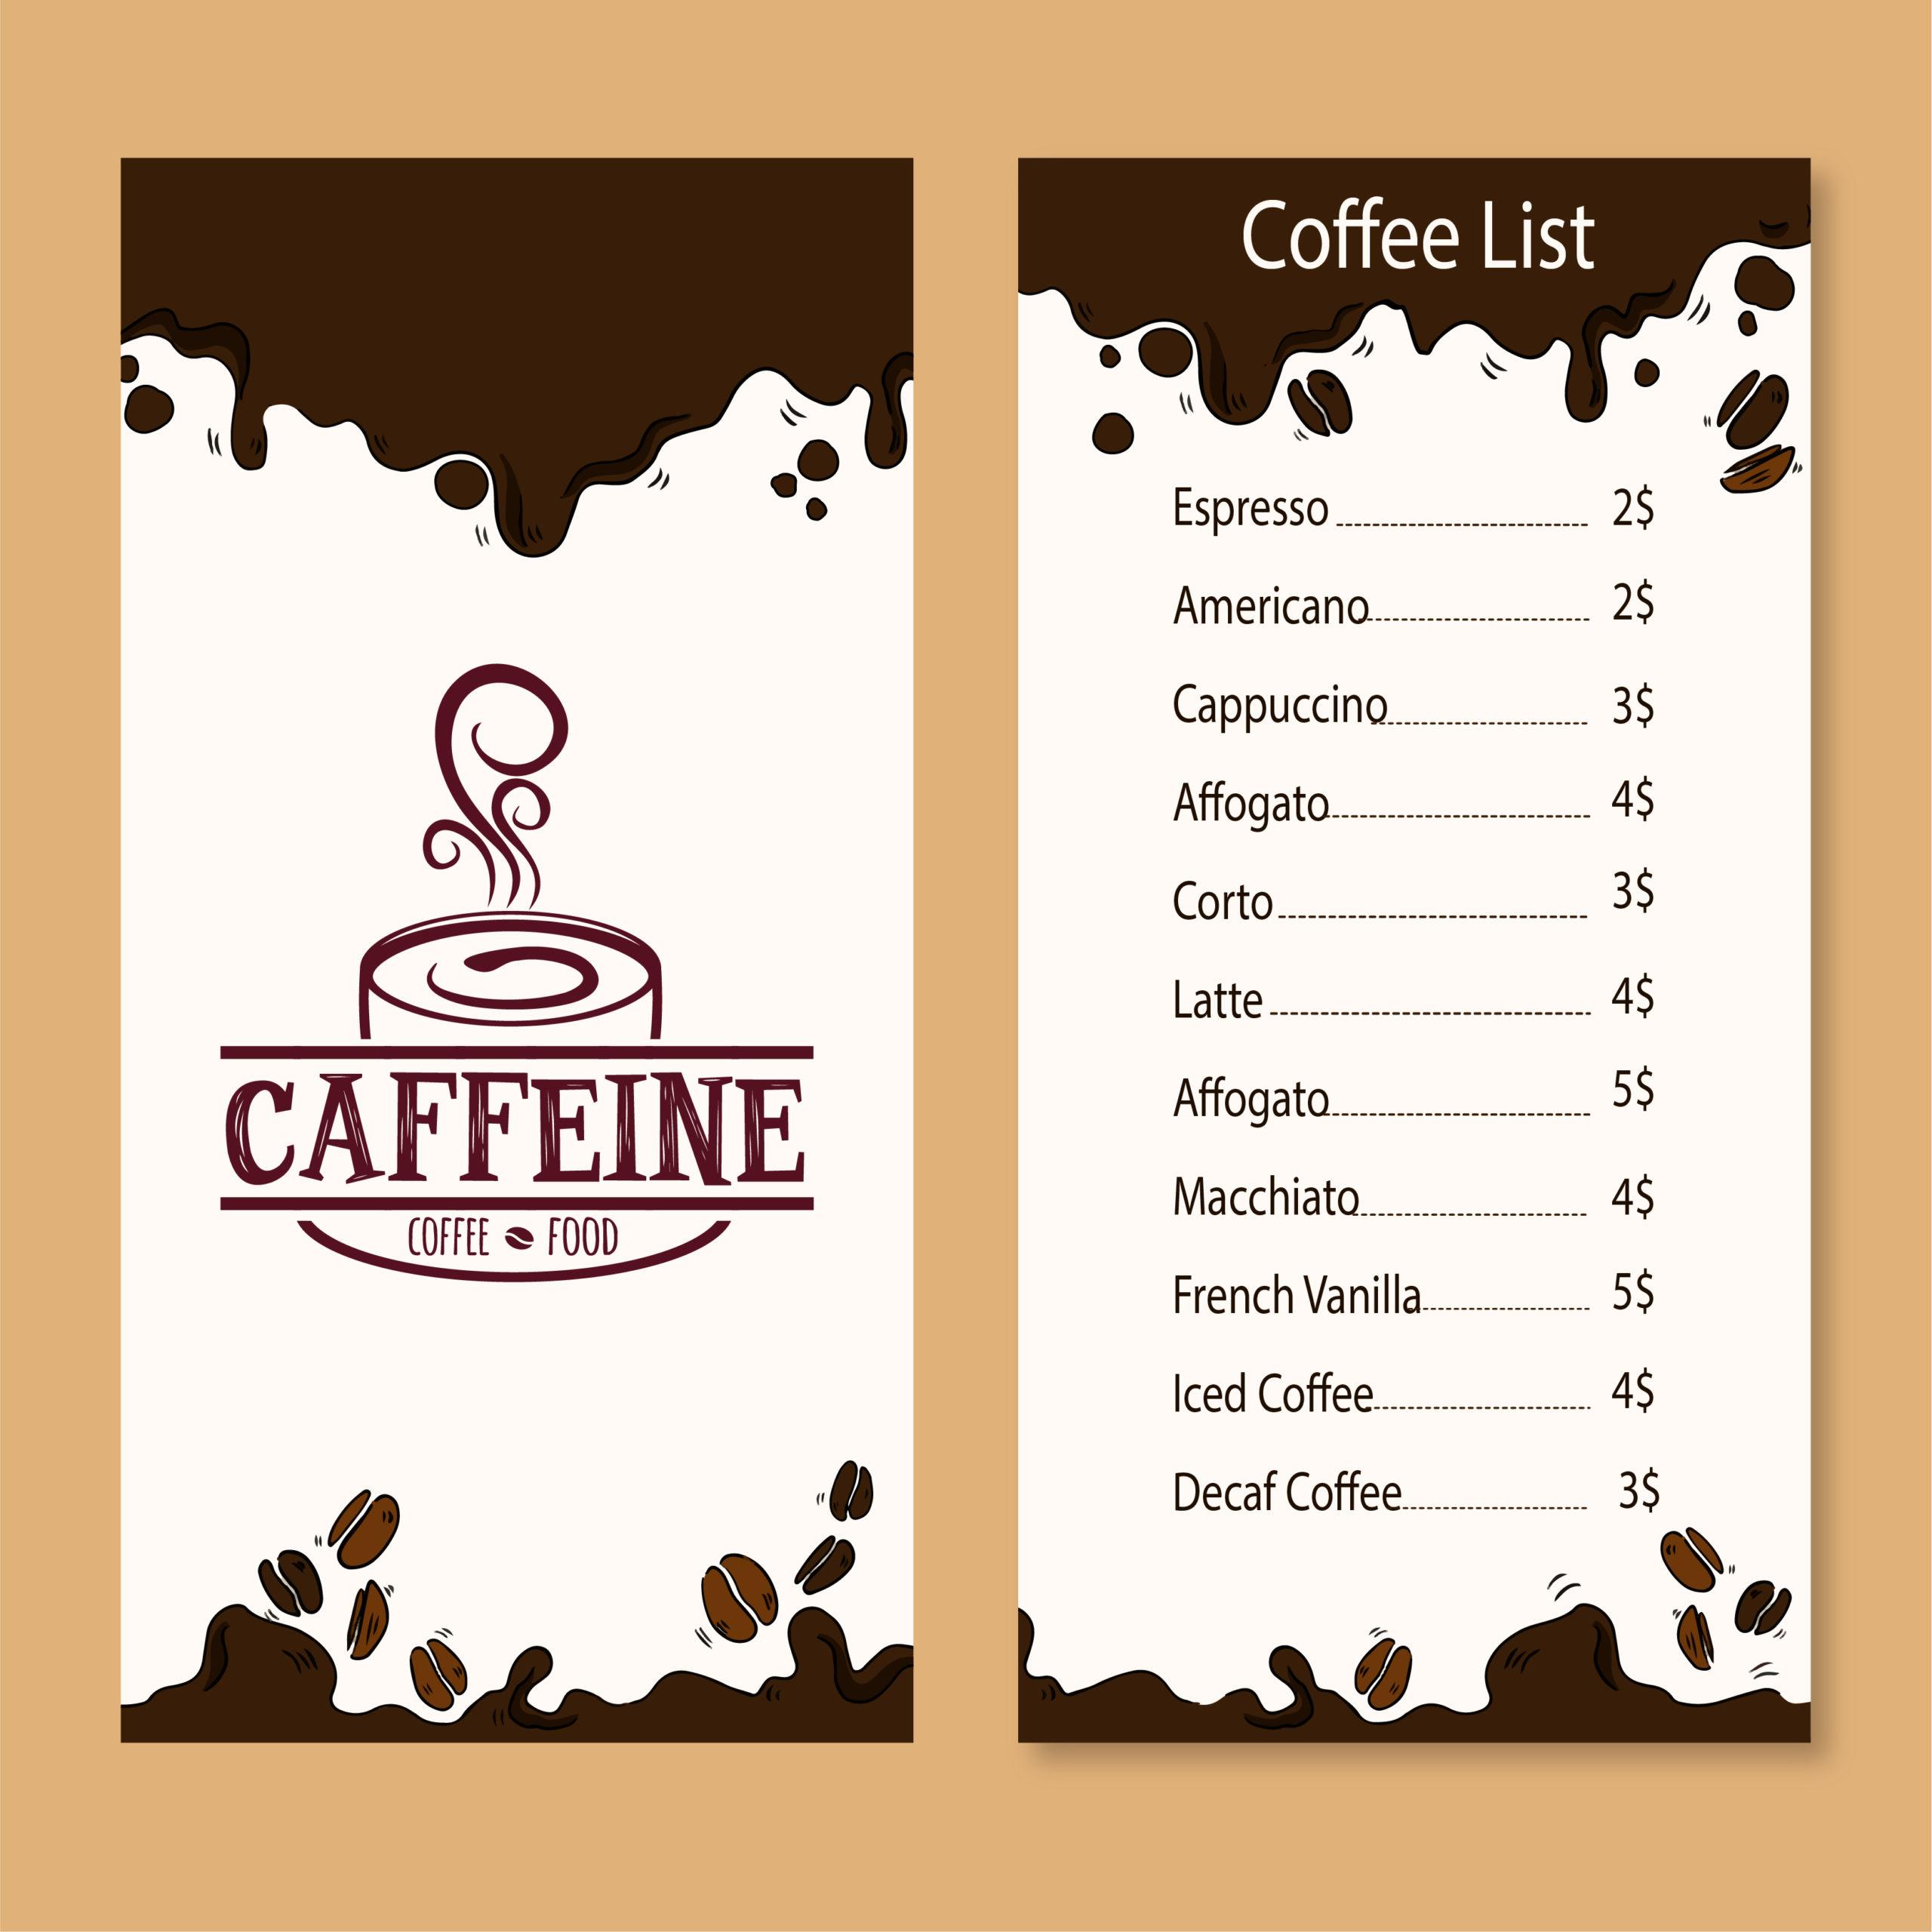 Caffeine and café menu card design by Badri design